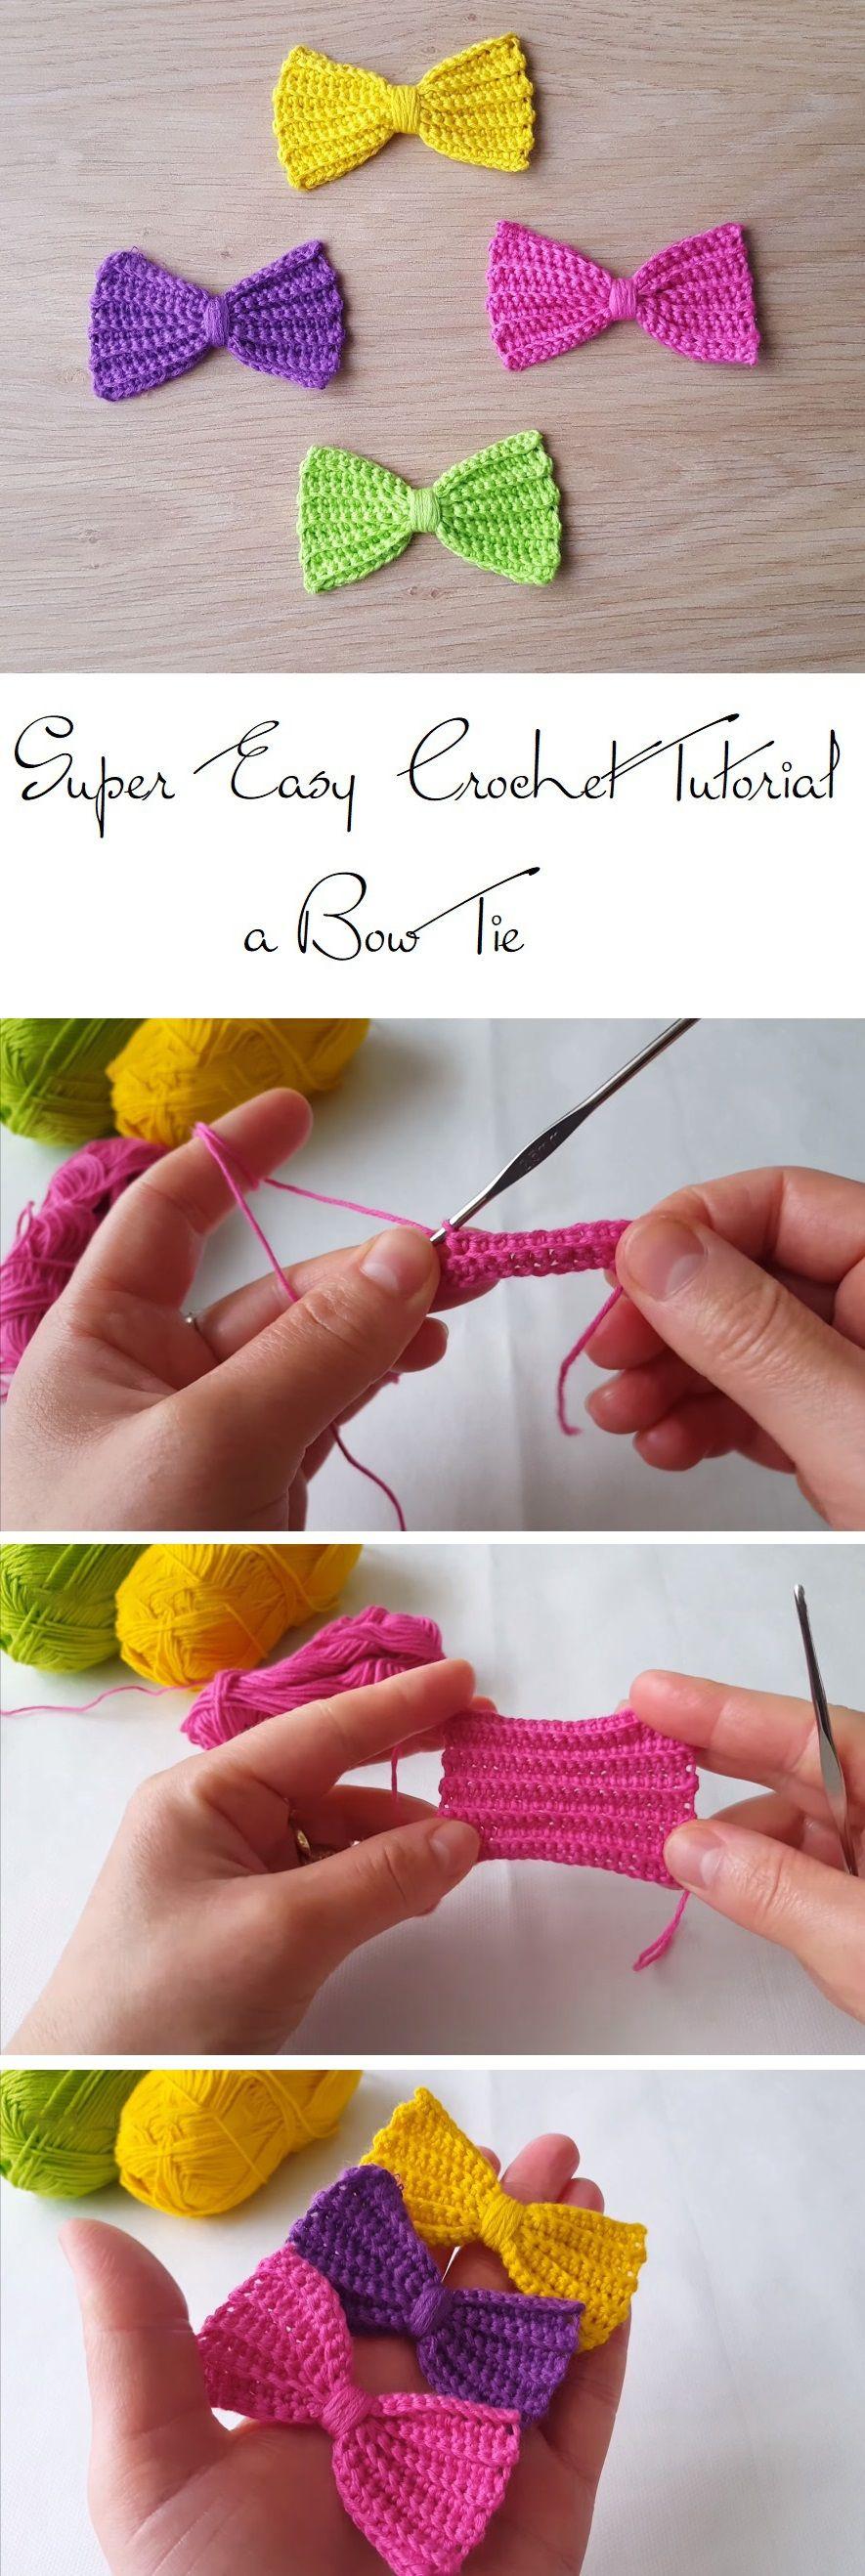 How to Crochet a Simple Bow Tie | Häkeln, Stricken und Stricken häkeln